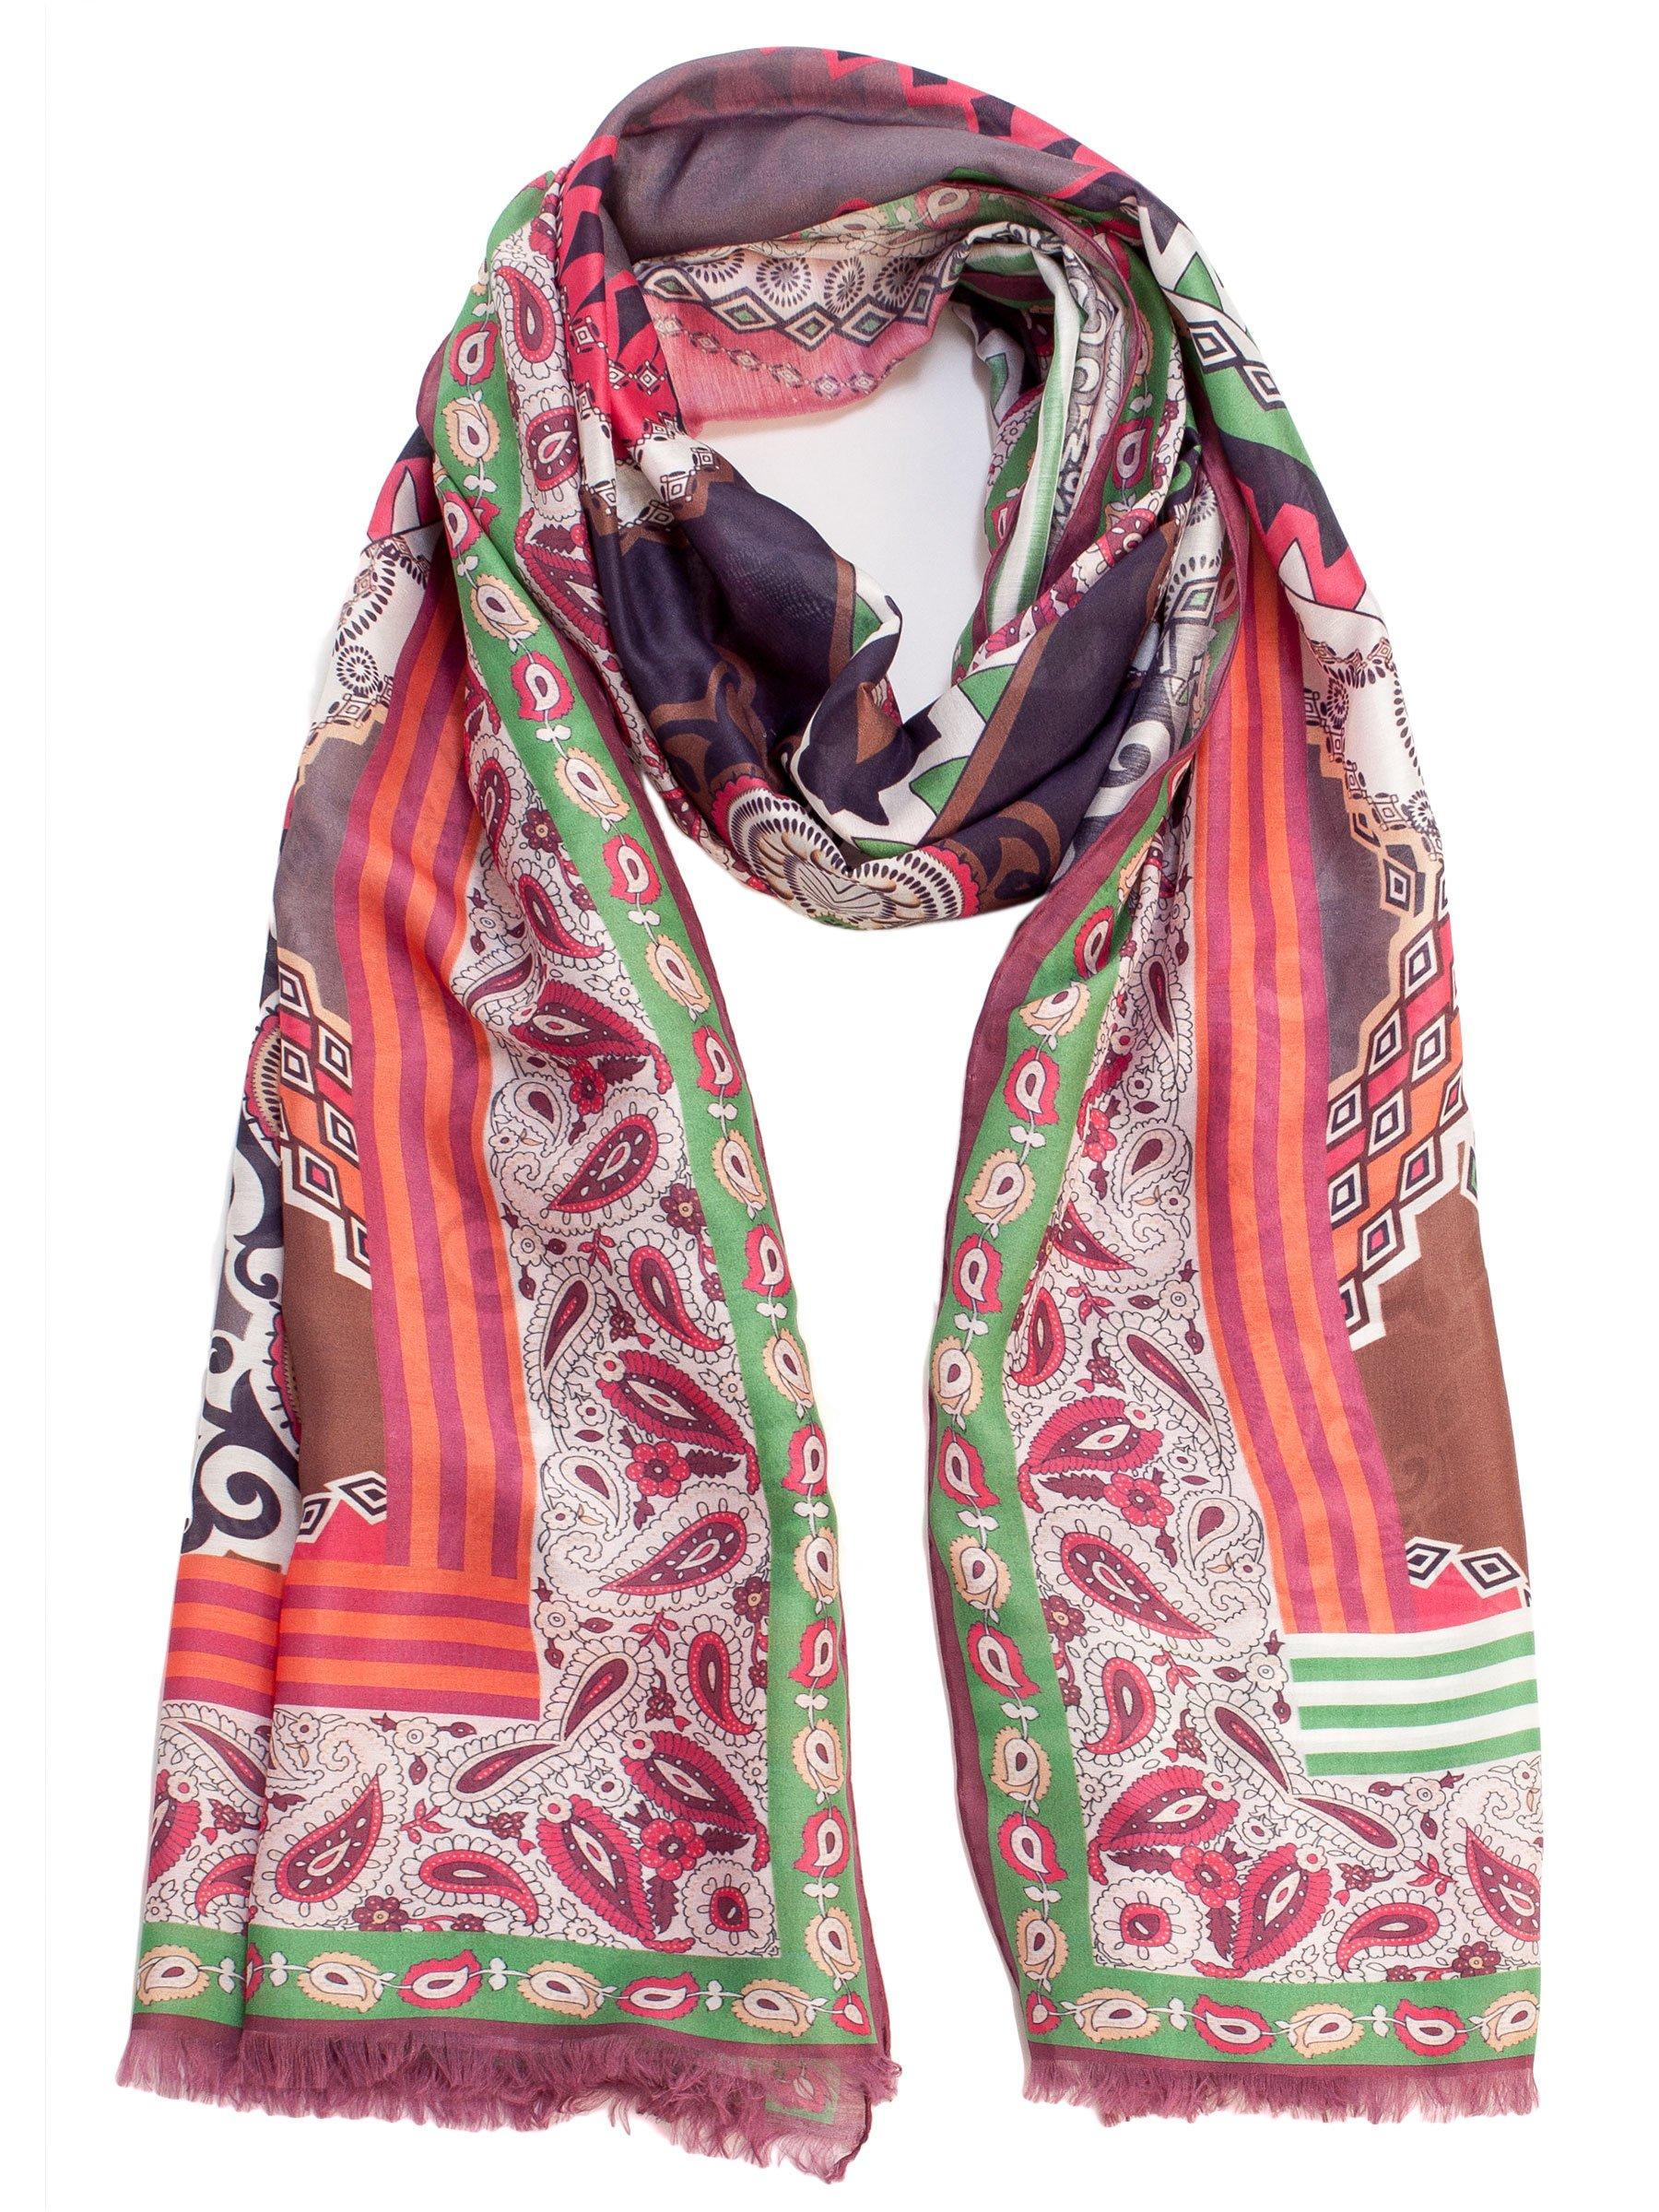 Elizabetta Women's Paisley Italian Pink & Green Scarf Wrap-Silk & Modal